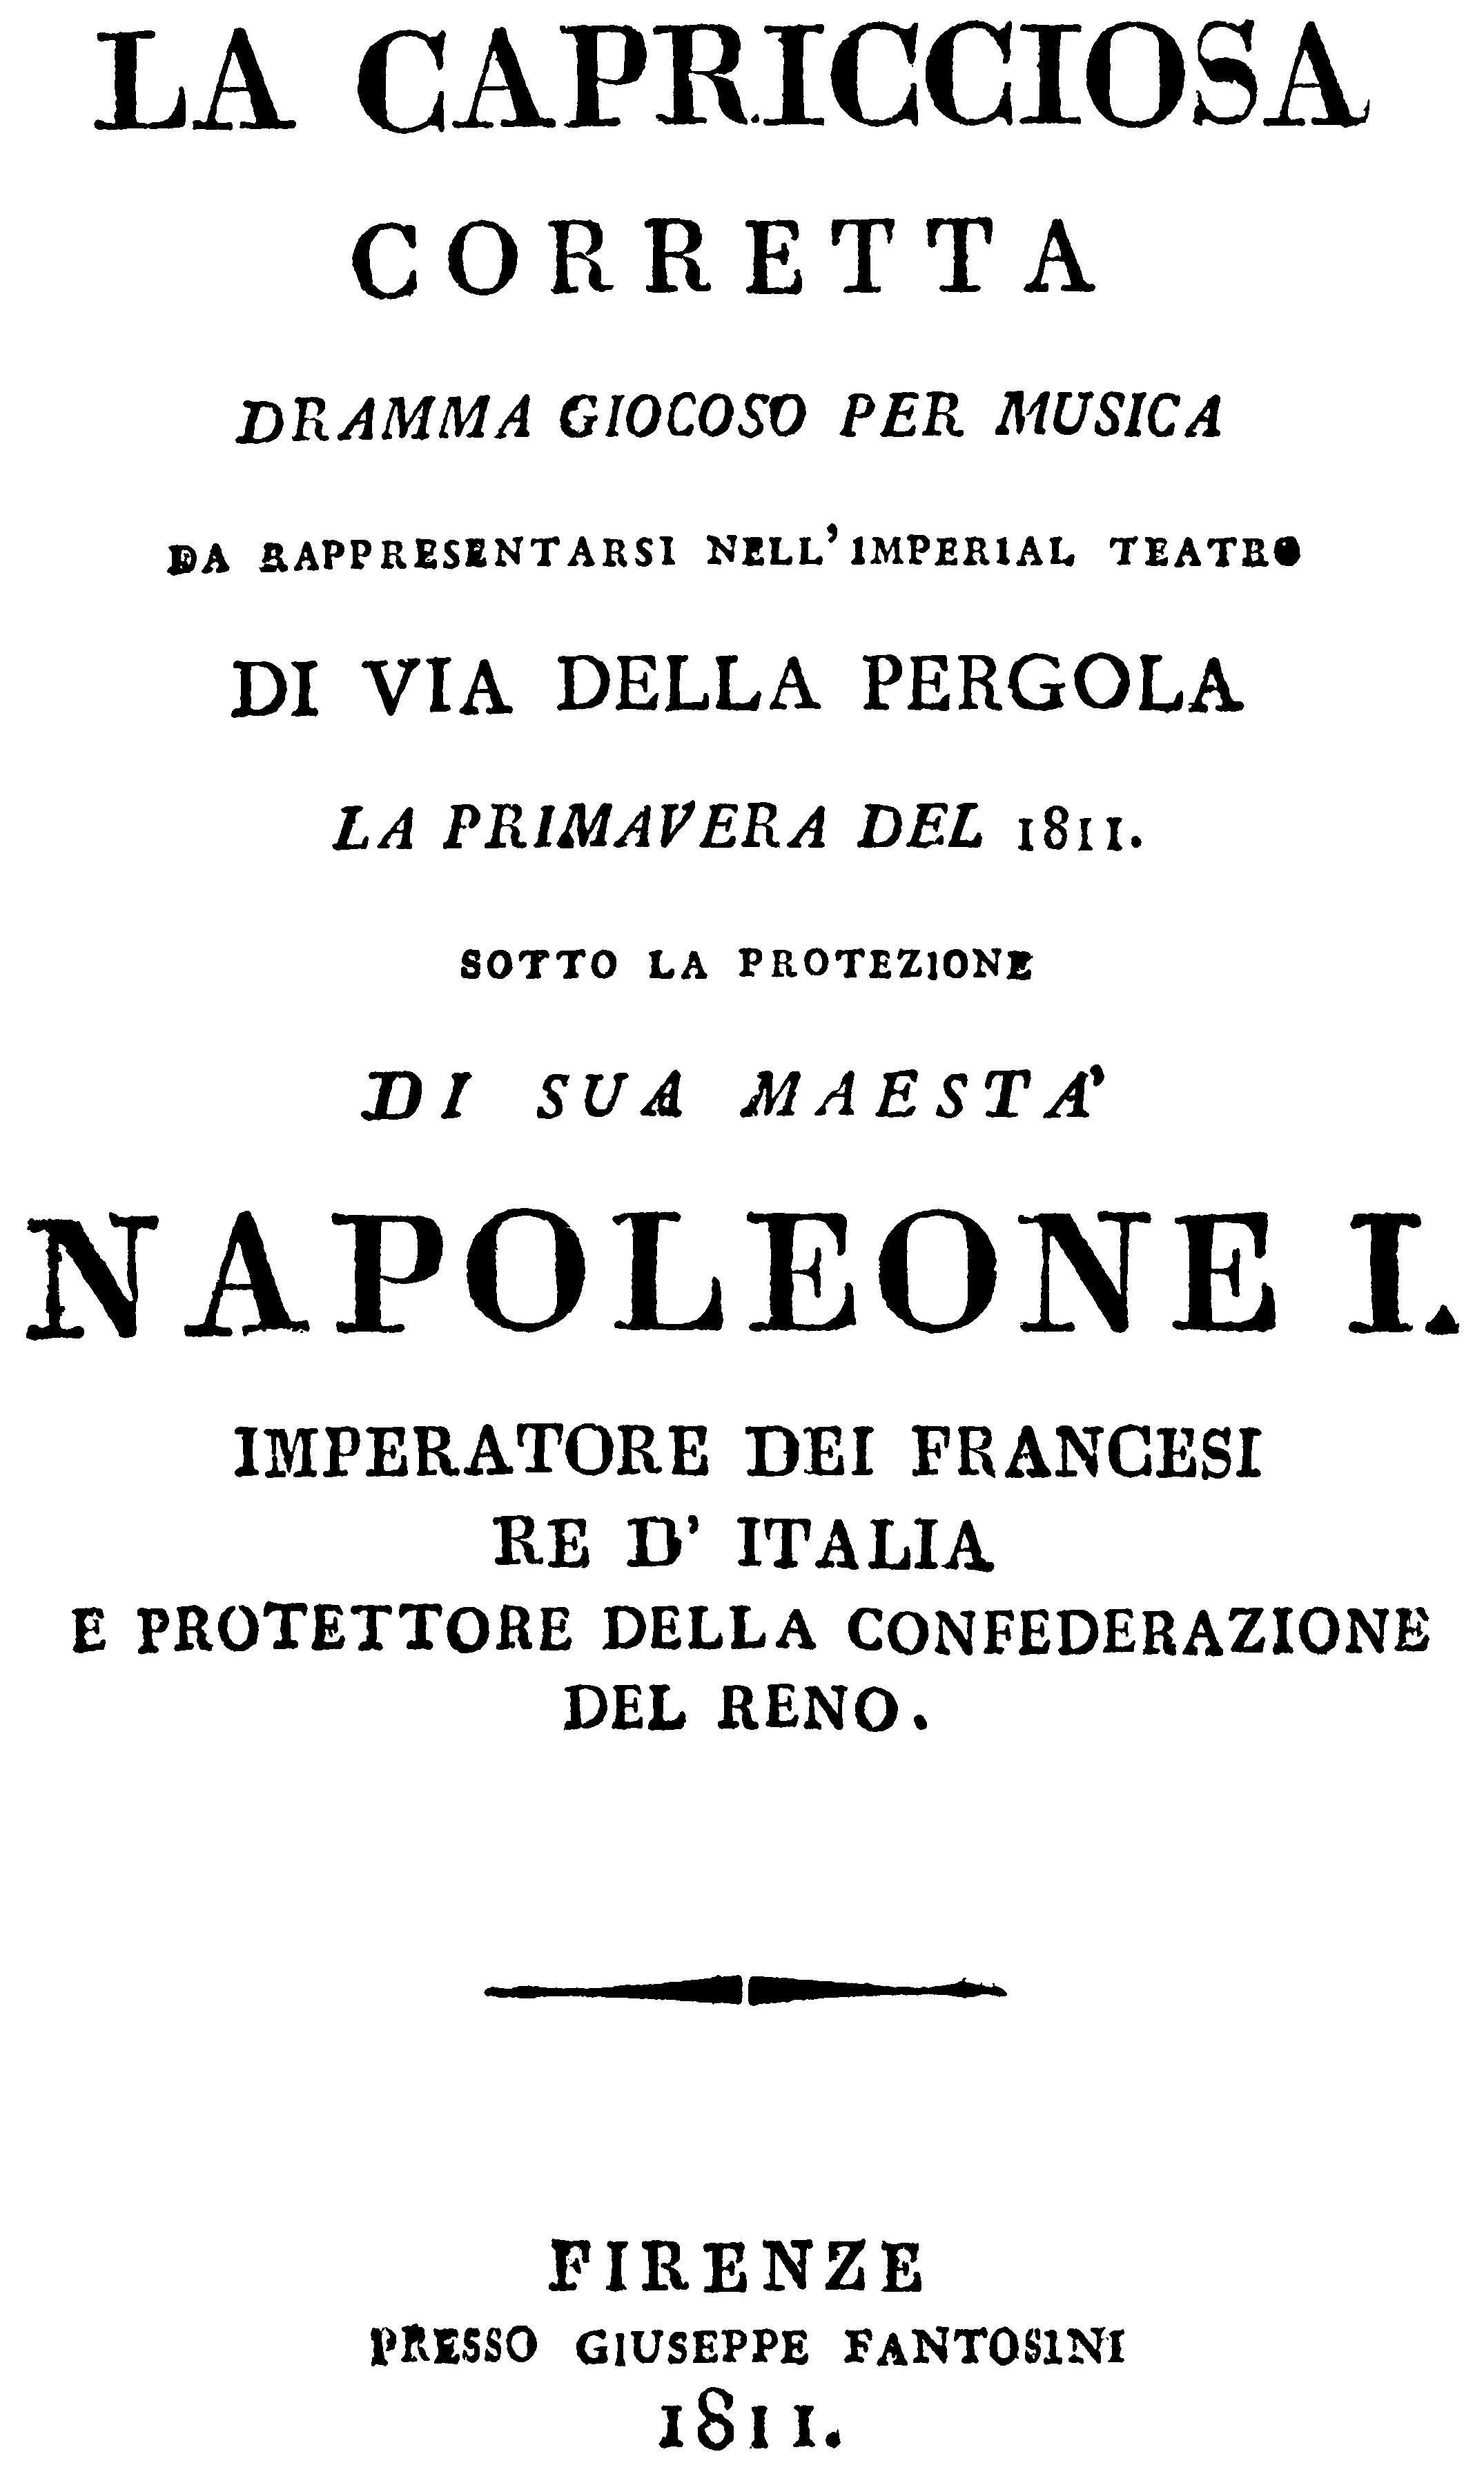 La Capricciosa Corretta Wikipedia